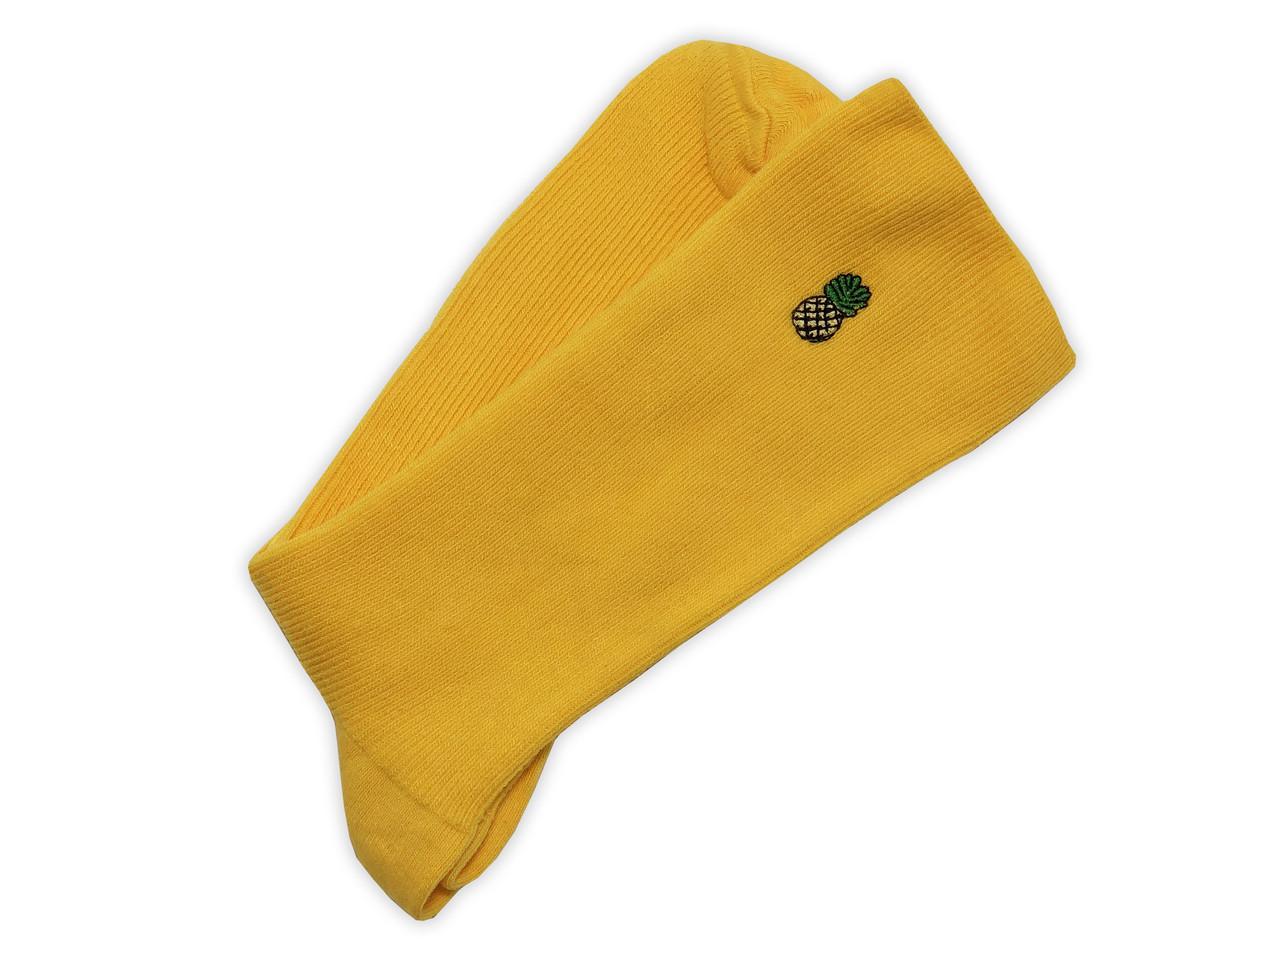 Носки Neseli Daily Premium  Ананас желтые 7301